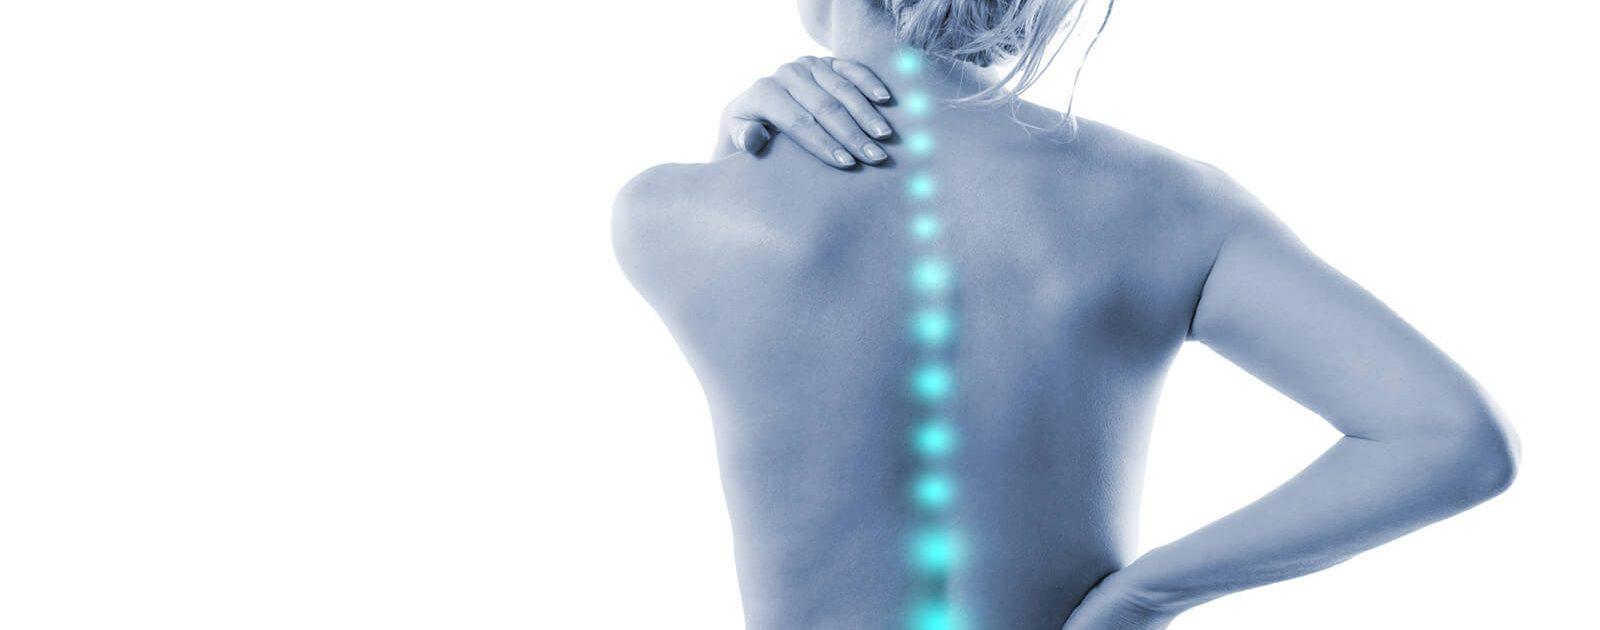 Wirbelsäule einer Frau: Ursache von Nervenschädigungen